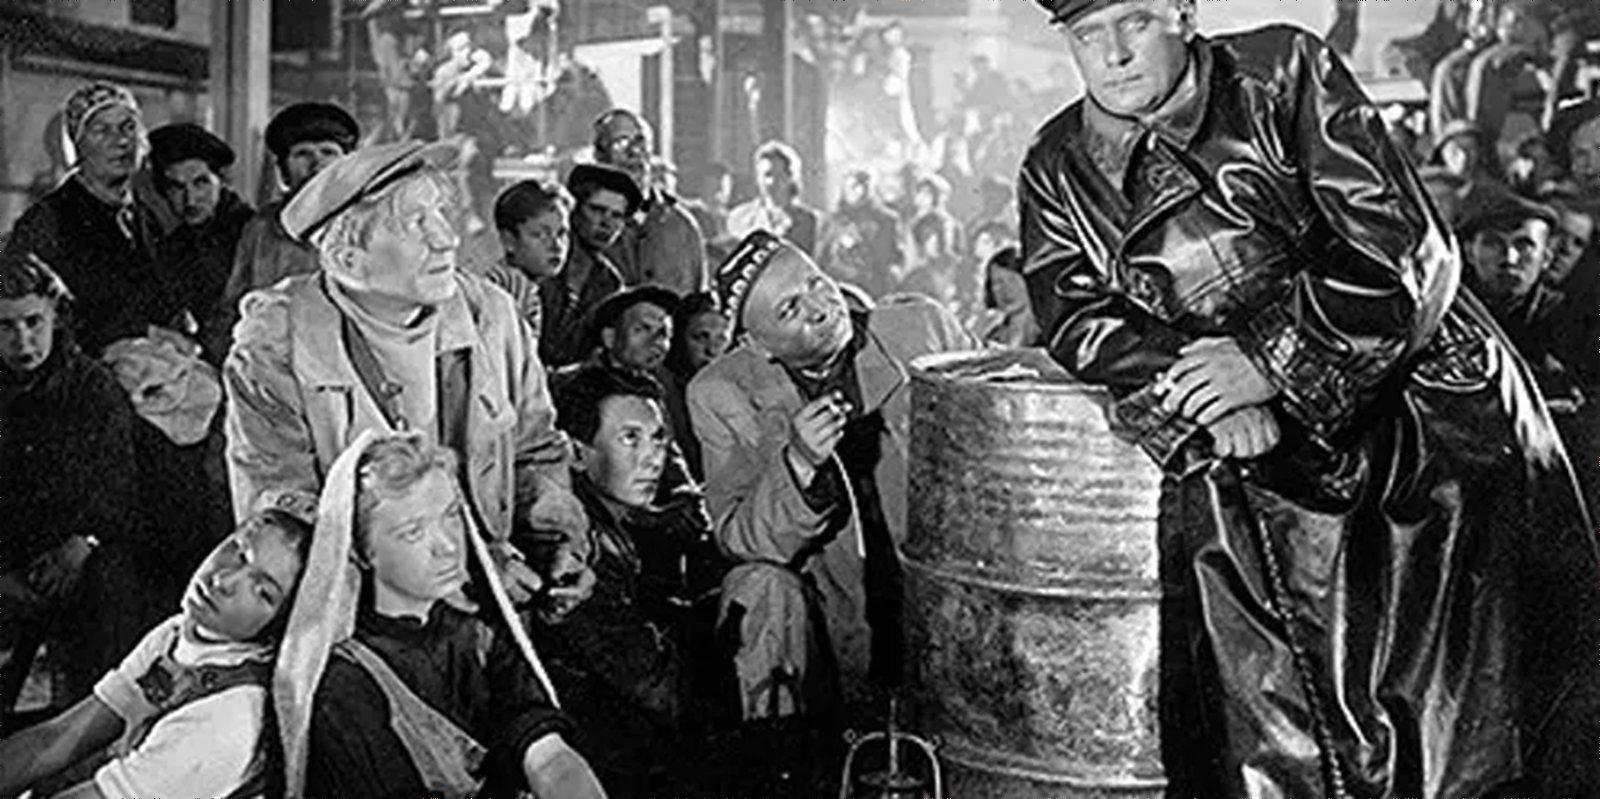 Кадр из фильма «Простые люди». Режиссеры Леонид Трауберг, Григорий Козинцев. 1945 год